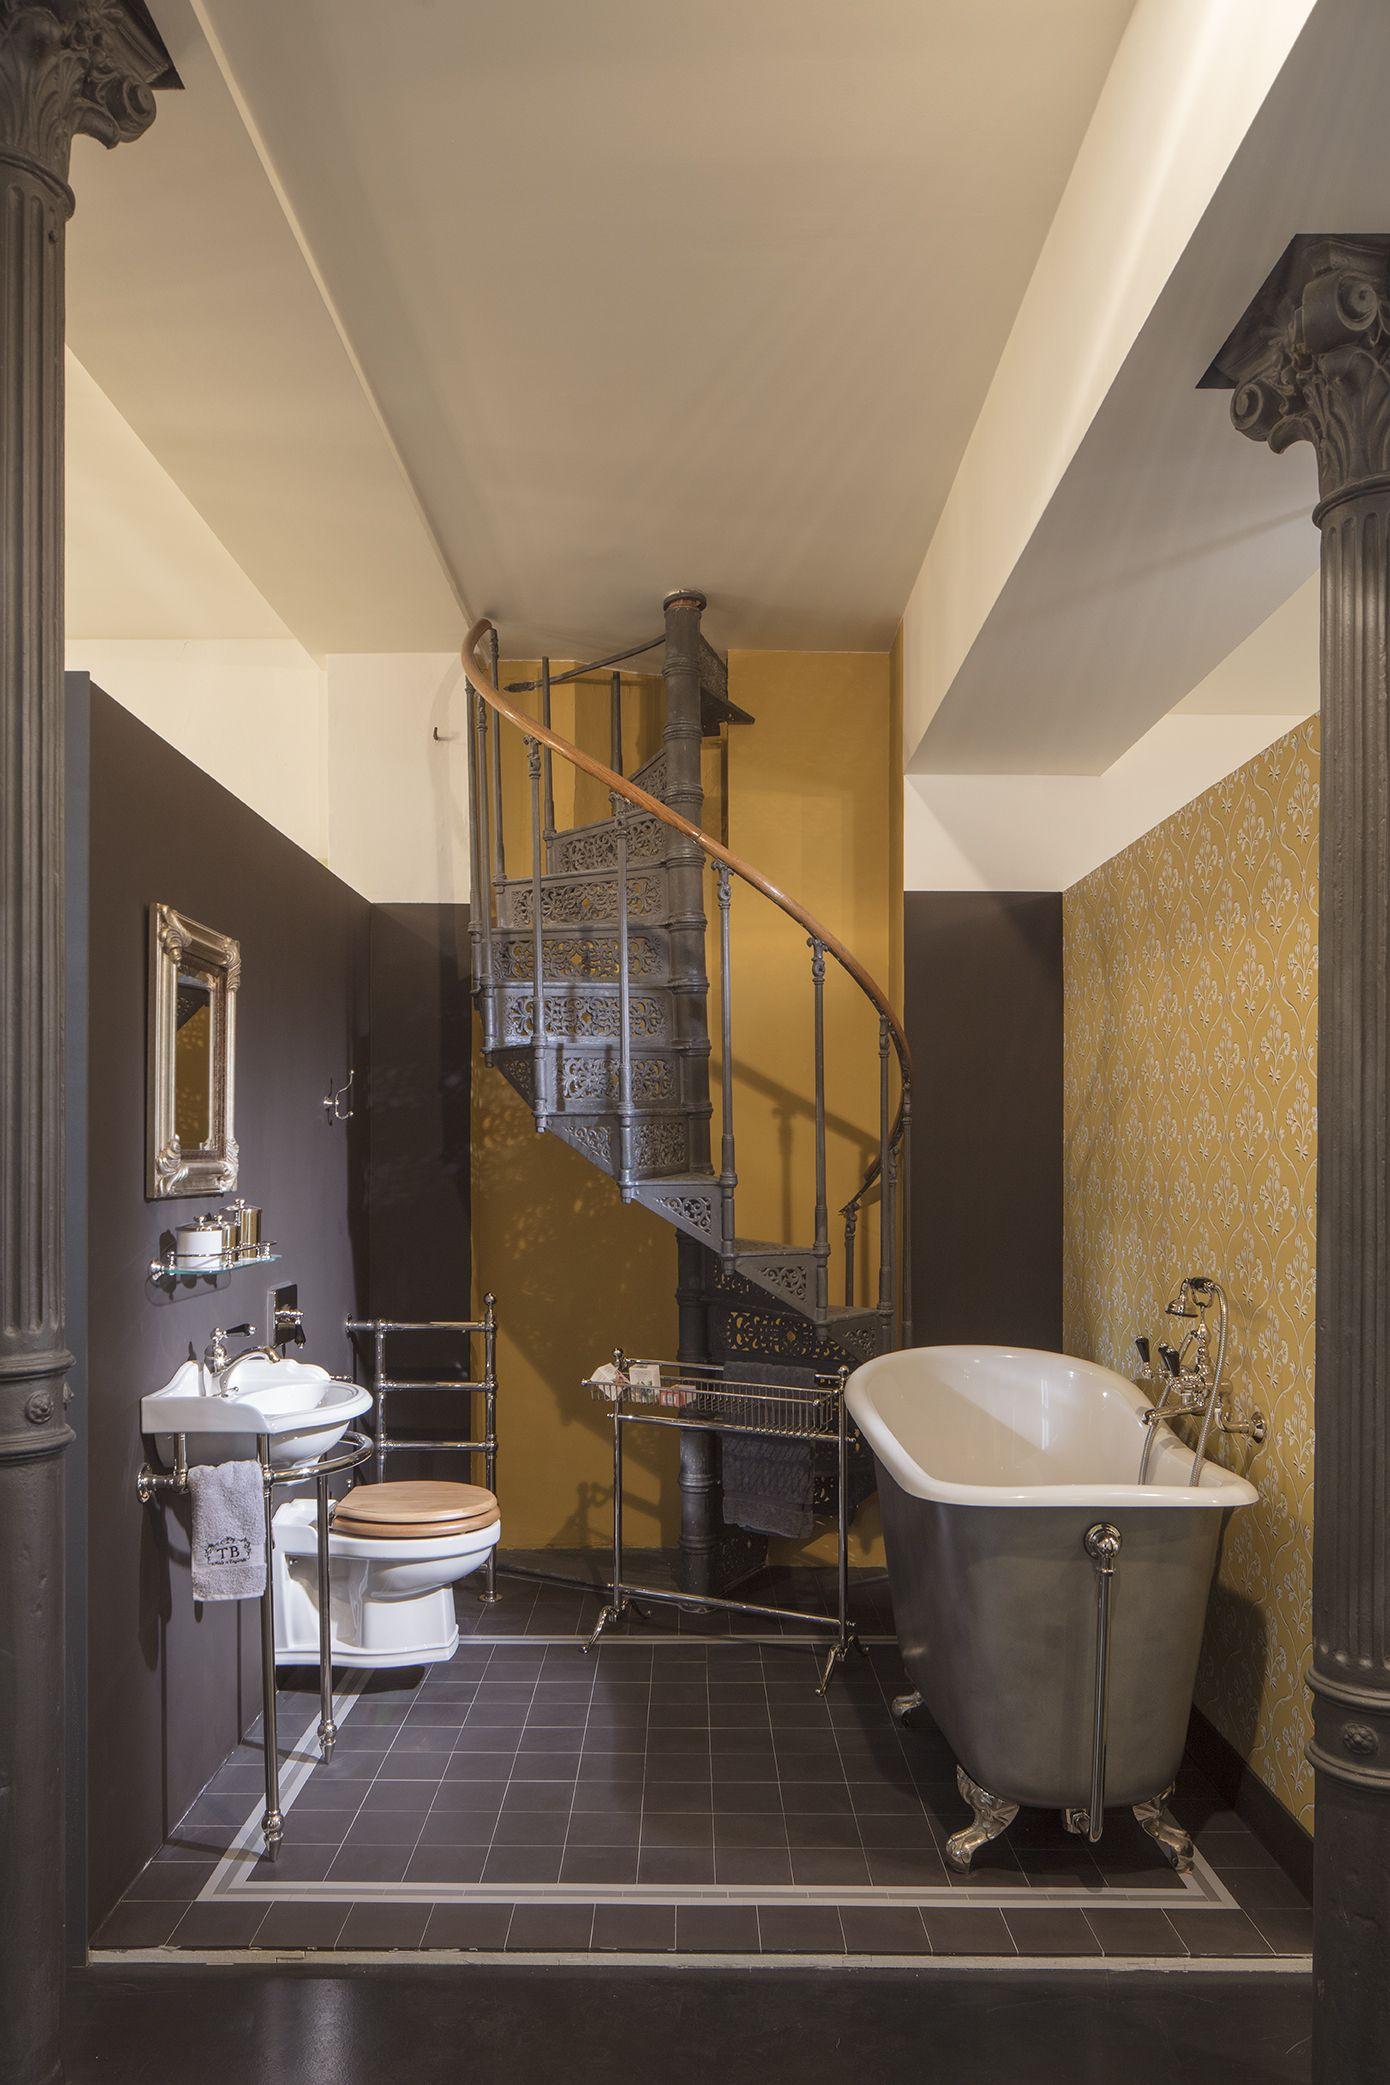 Besonders Stilvoll Und Mit Einem Hauch Echter Nostalgie Verzaubert Dieses Englische Badezimmer Welches Mit Traditionelle Bader Bad Einrichten Bad Inspiration